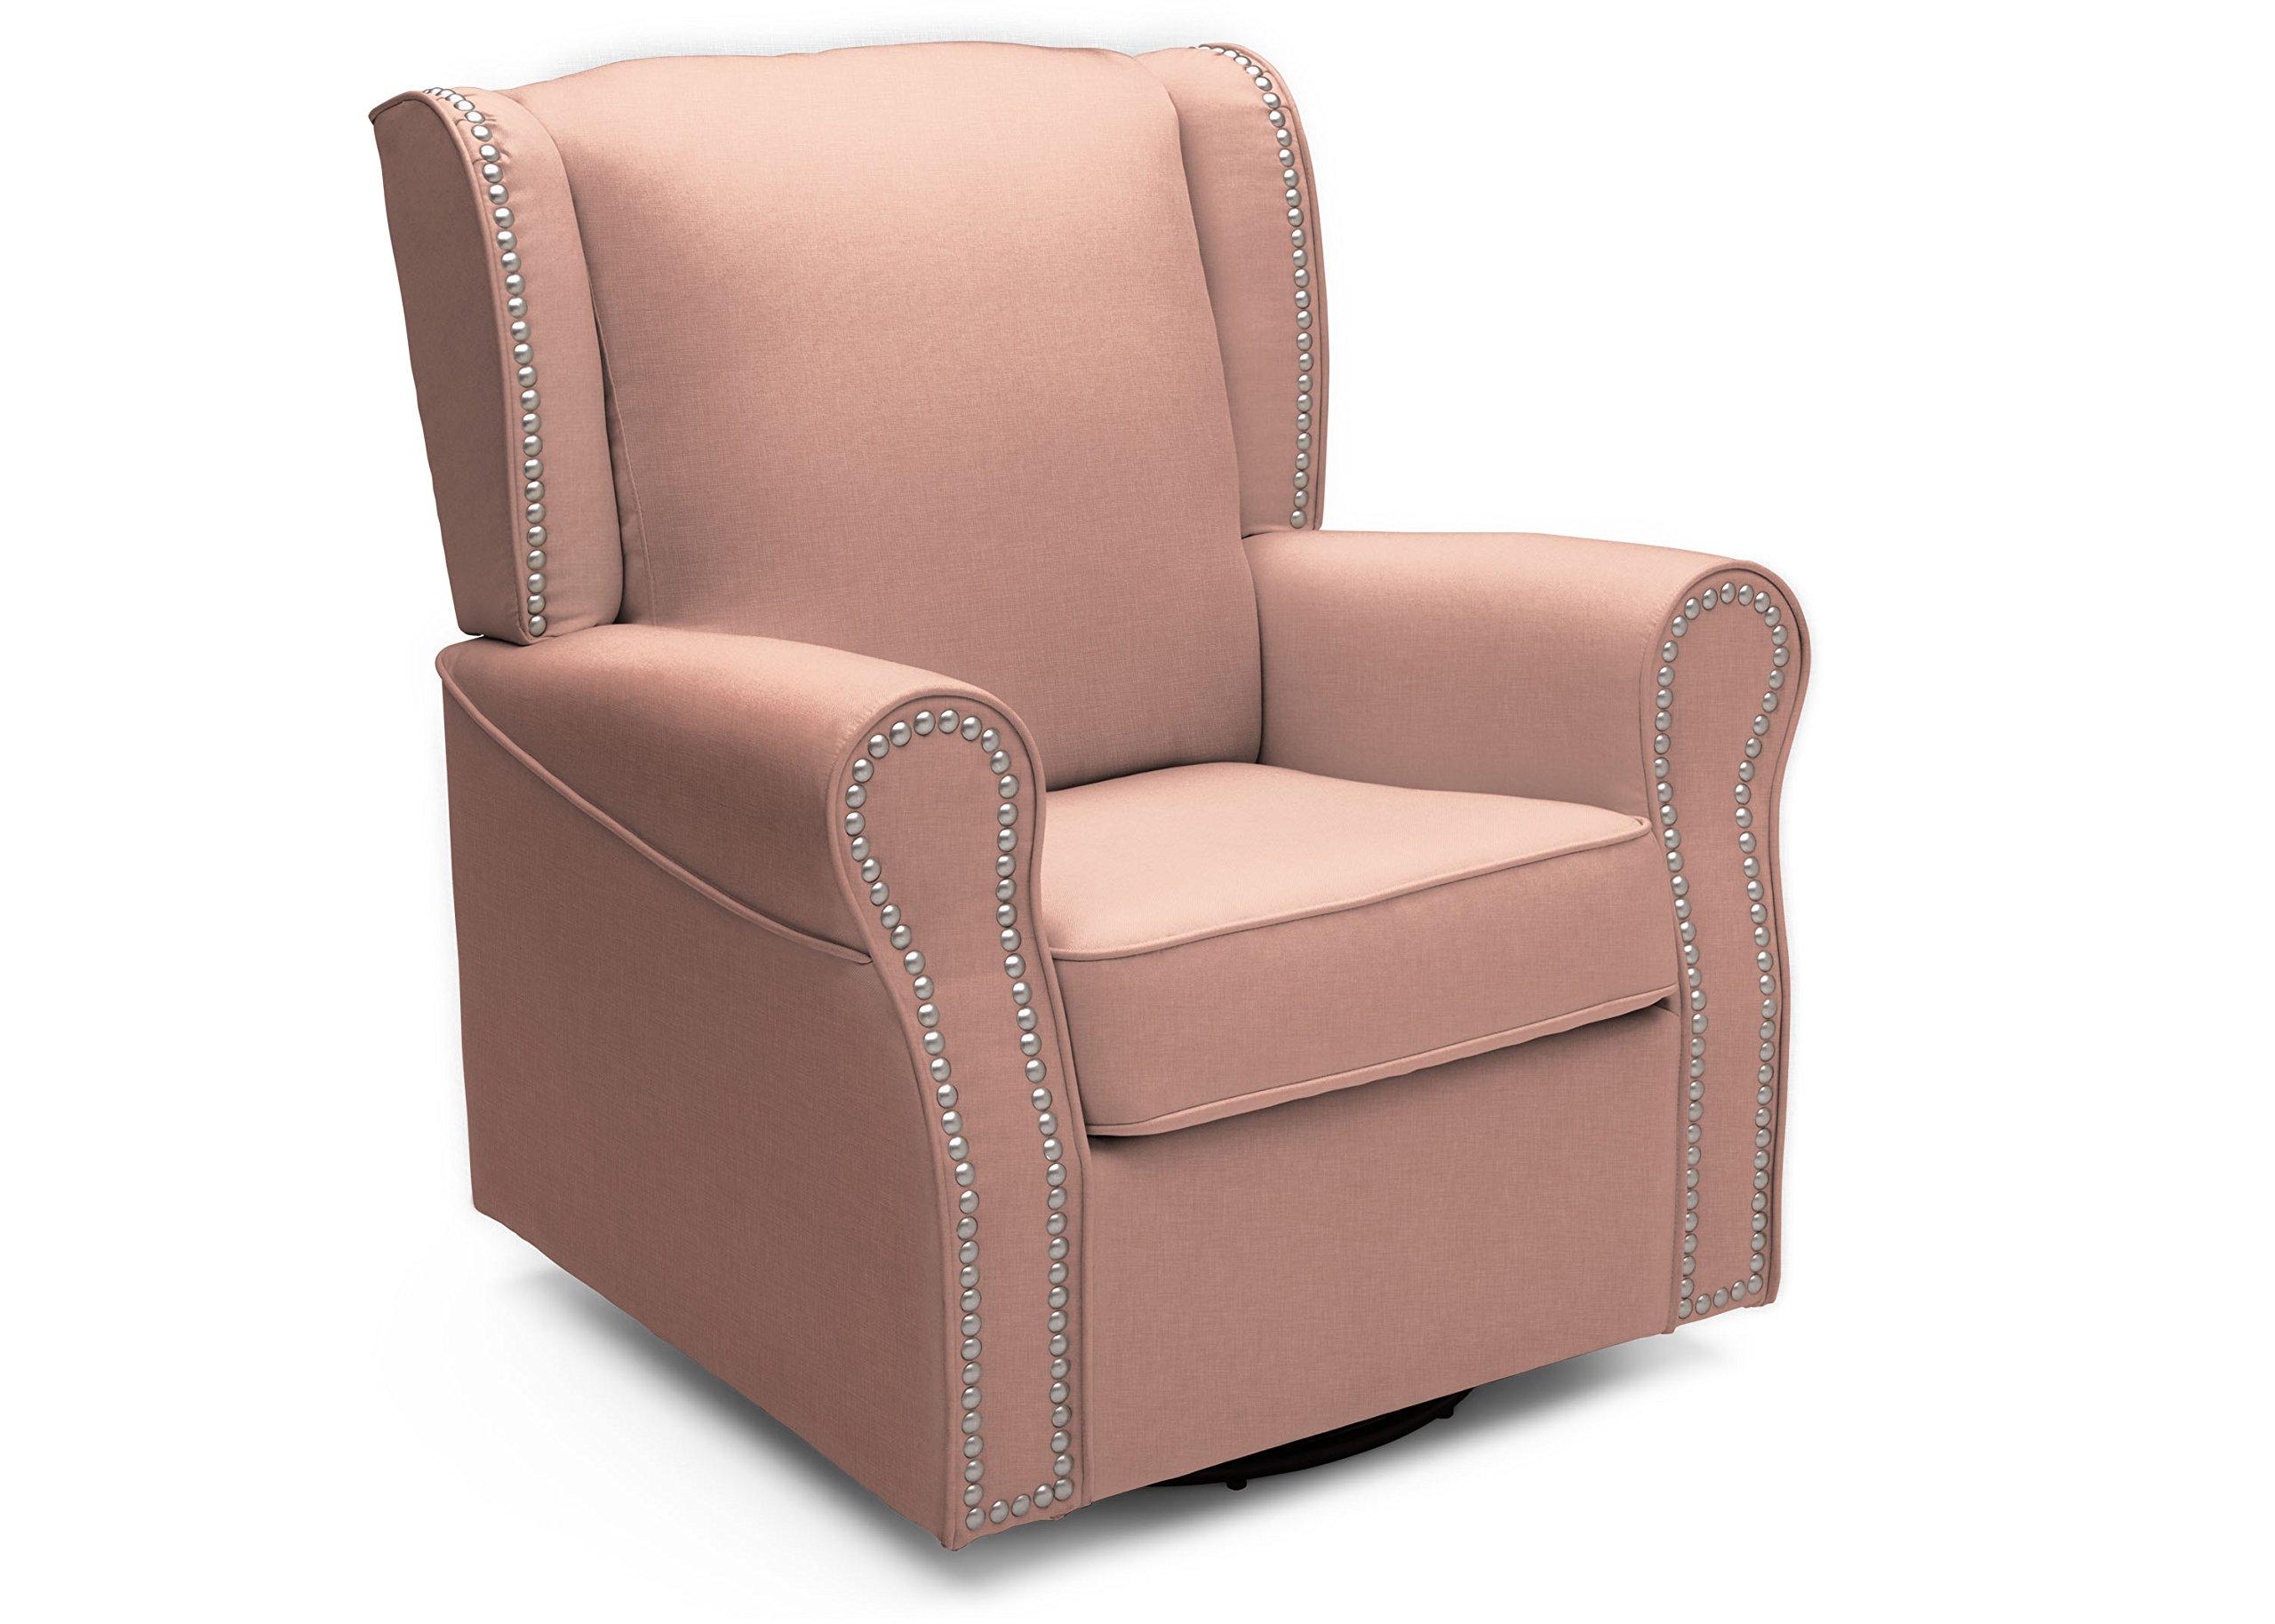 Delta Furniture Middleton Upholstered Glider Swivel Rocker Chair, Blush